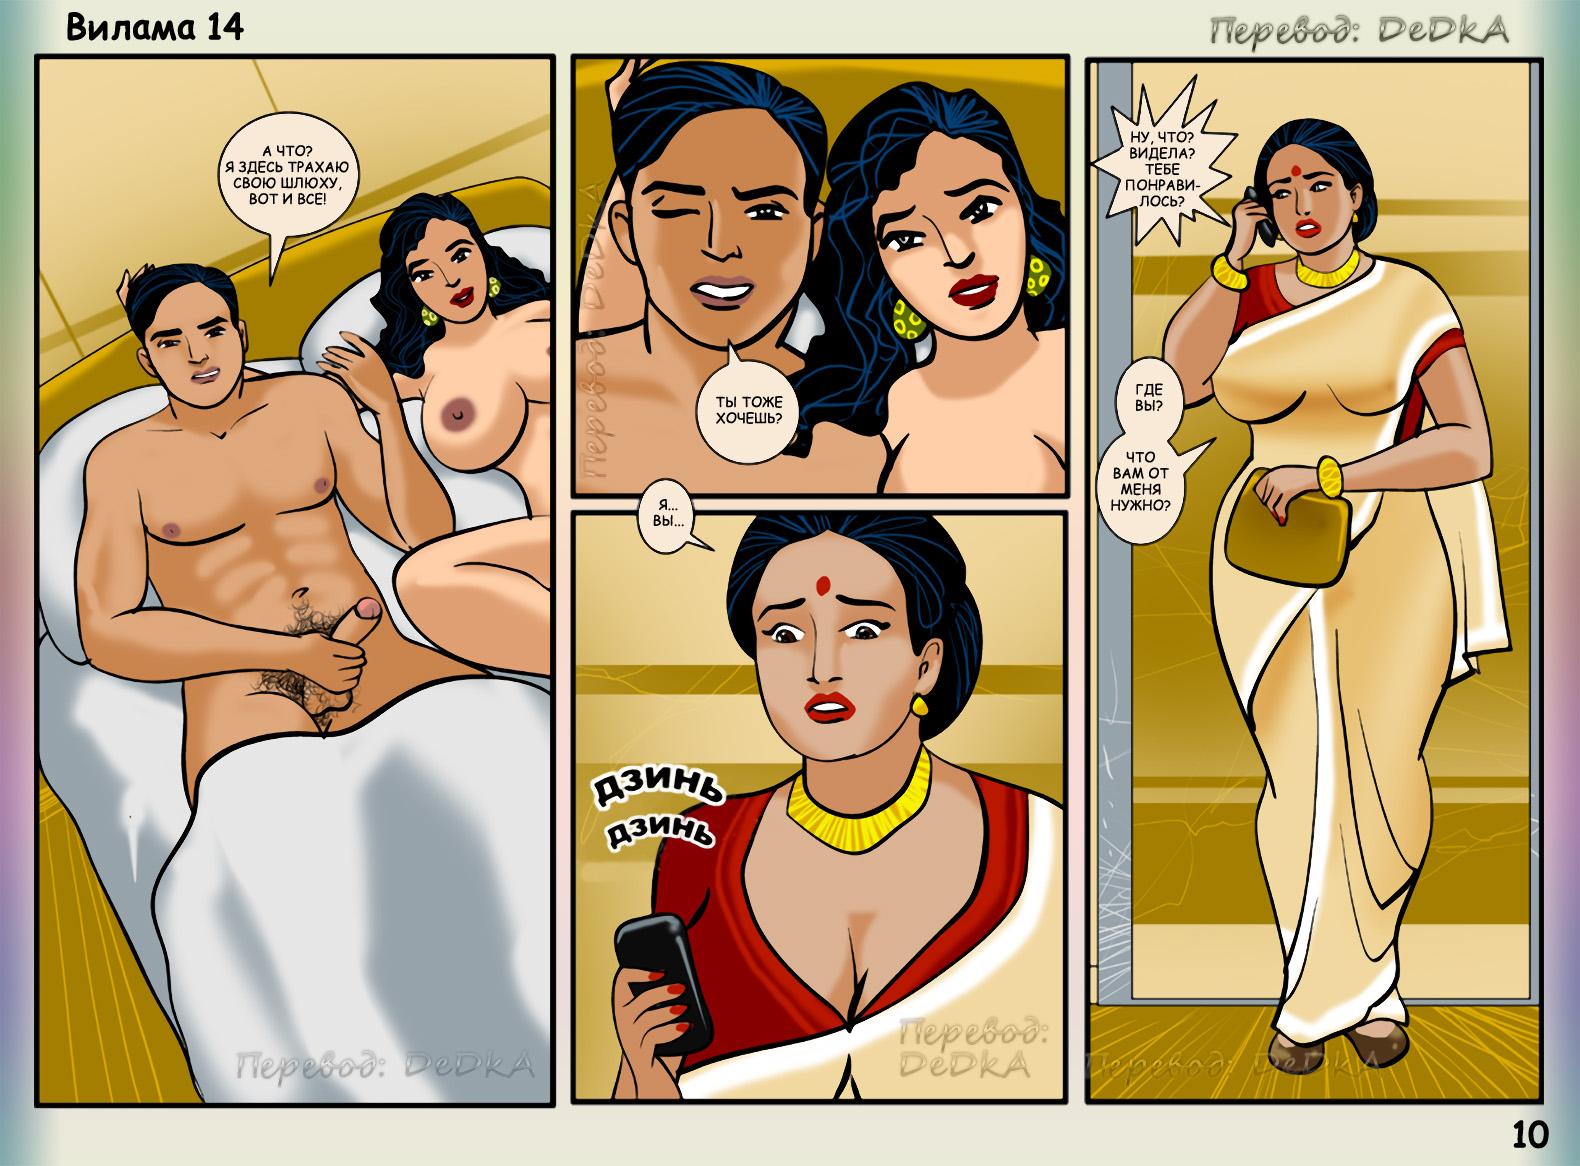 манга все онлайн порно индийские